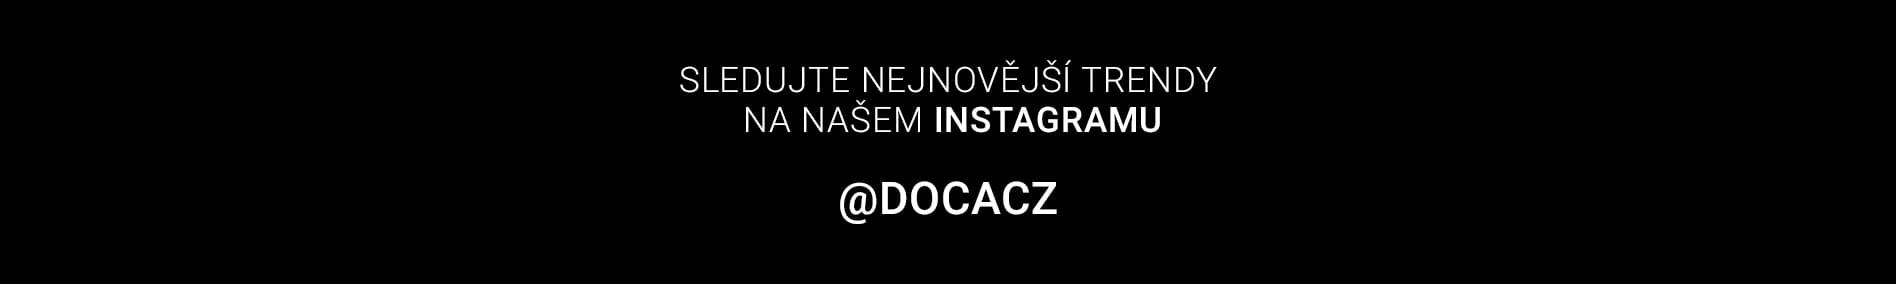 Instagram Doca